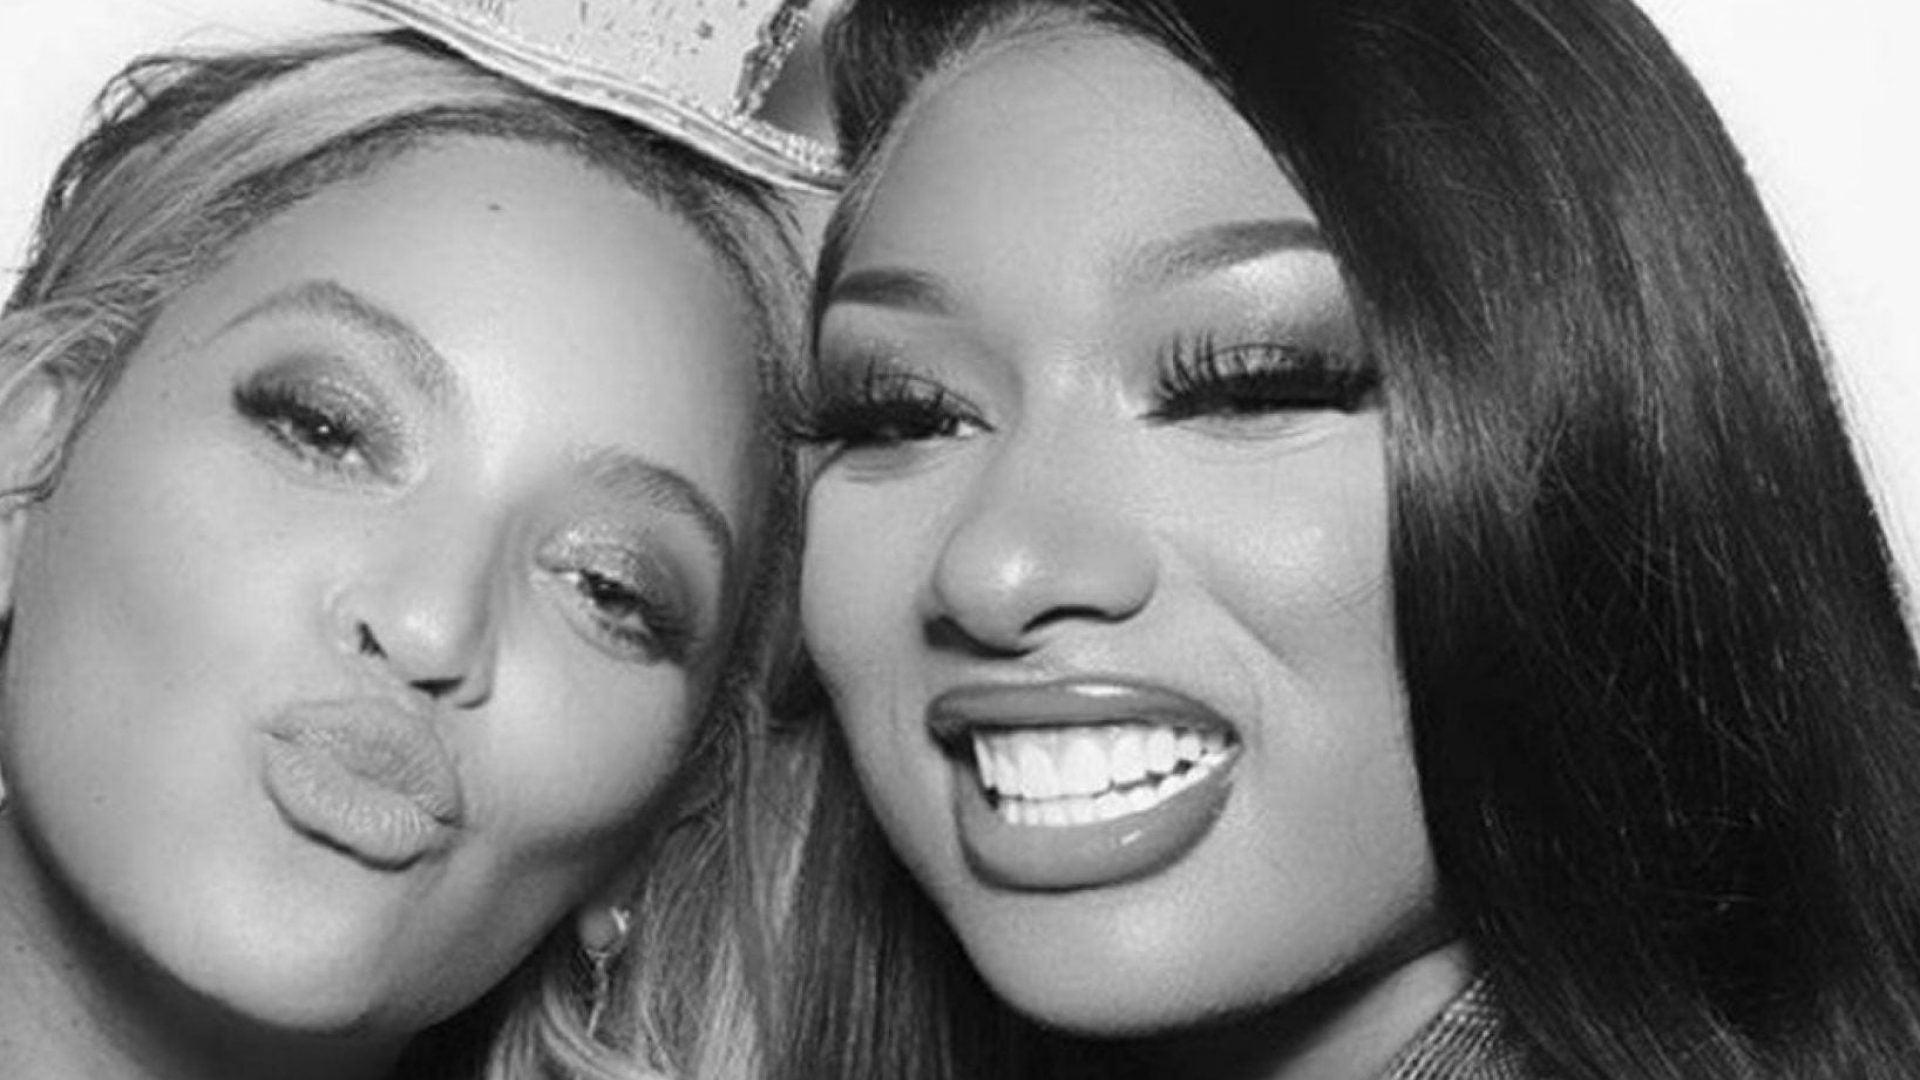 Garanhão de Megan Thee pode se apresentar com Beyoncé no Grammy de 2021